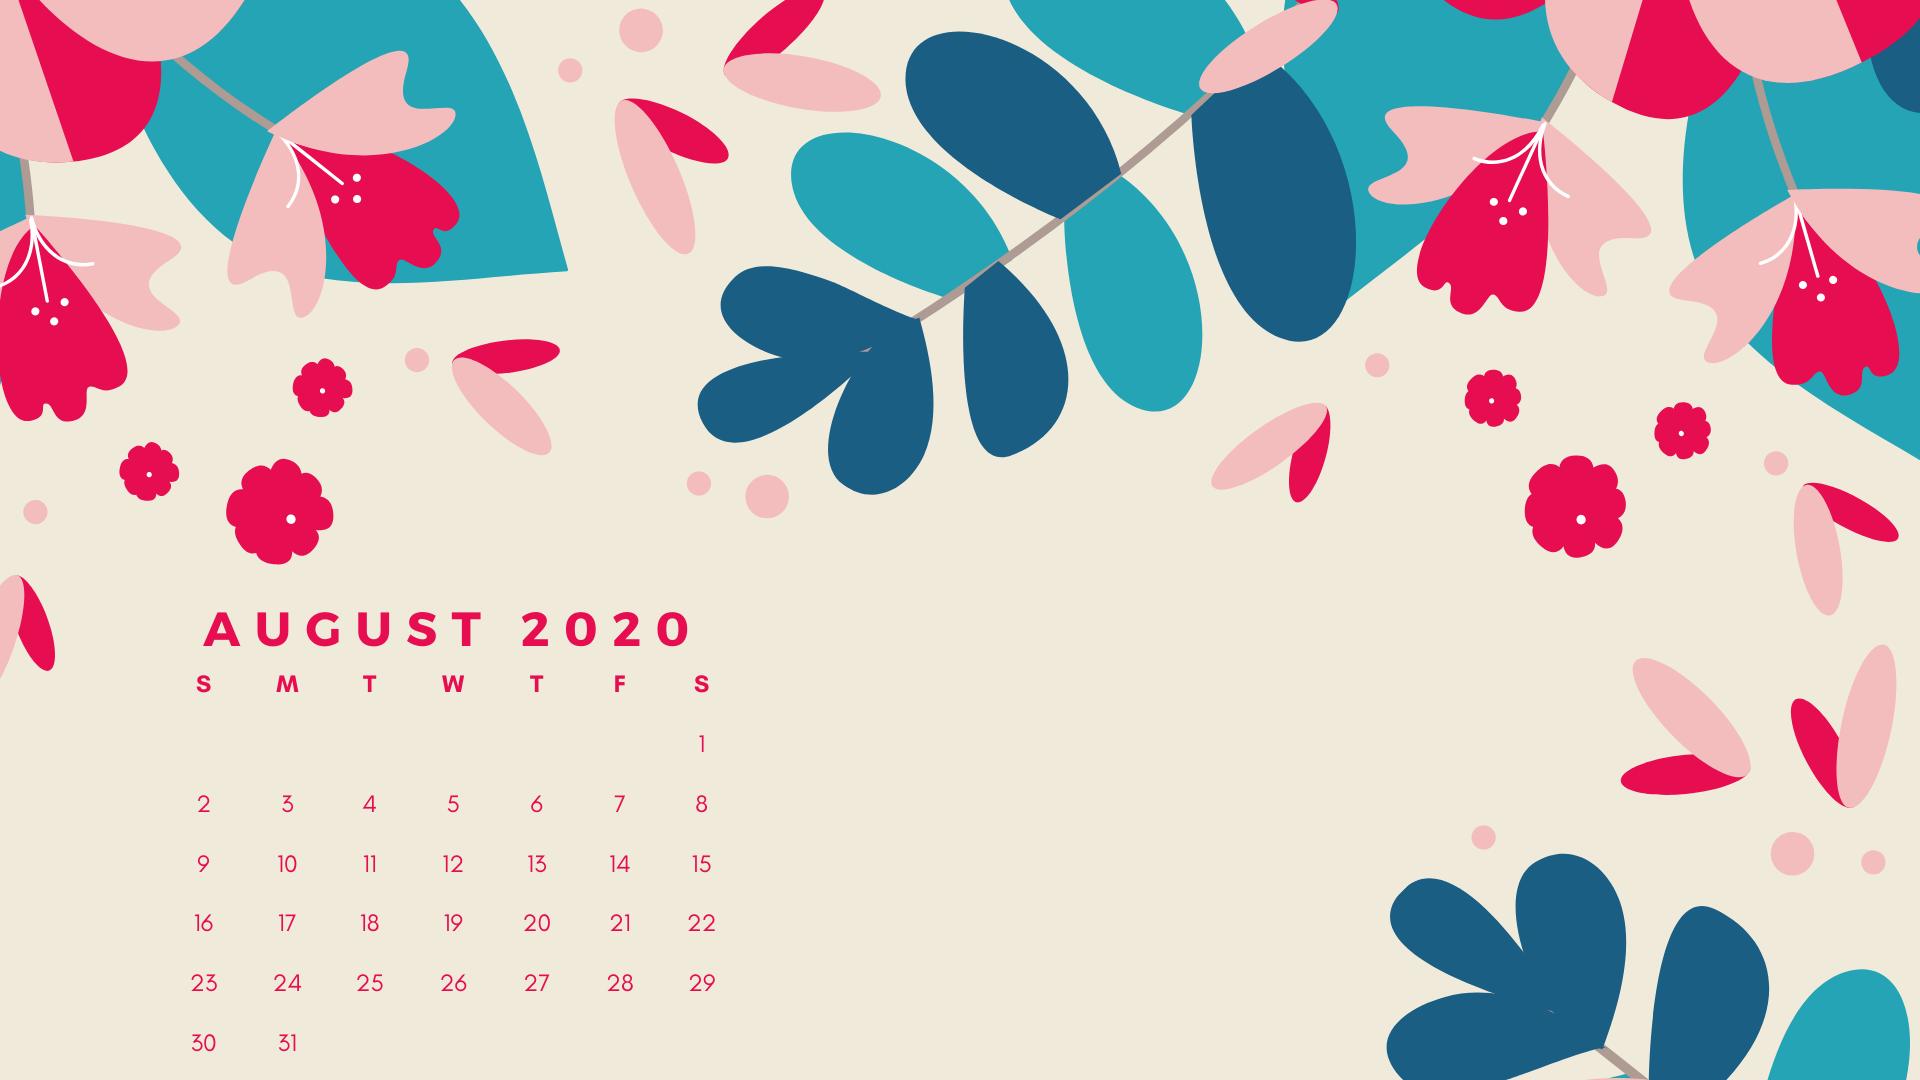 August 2020 Desktop Calendar Calendar wallpaper Desktop 1920x1080